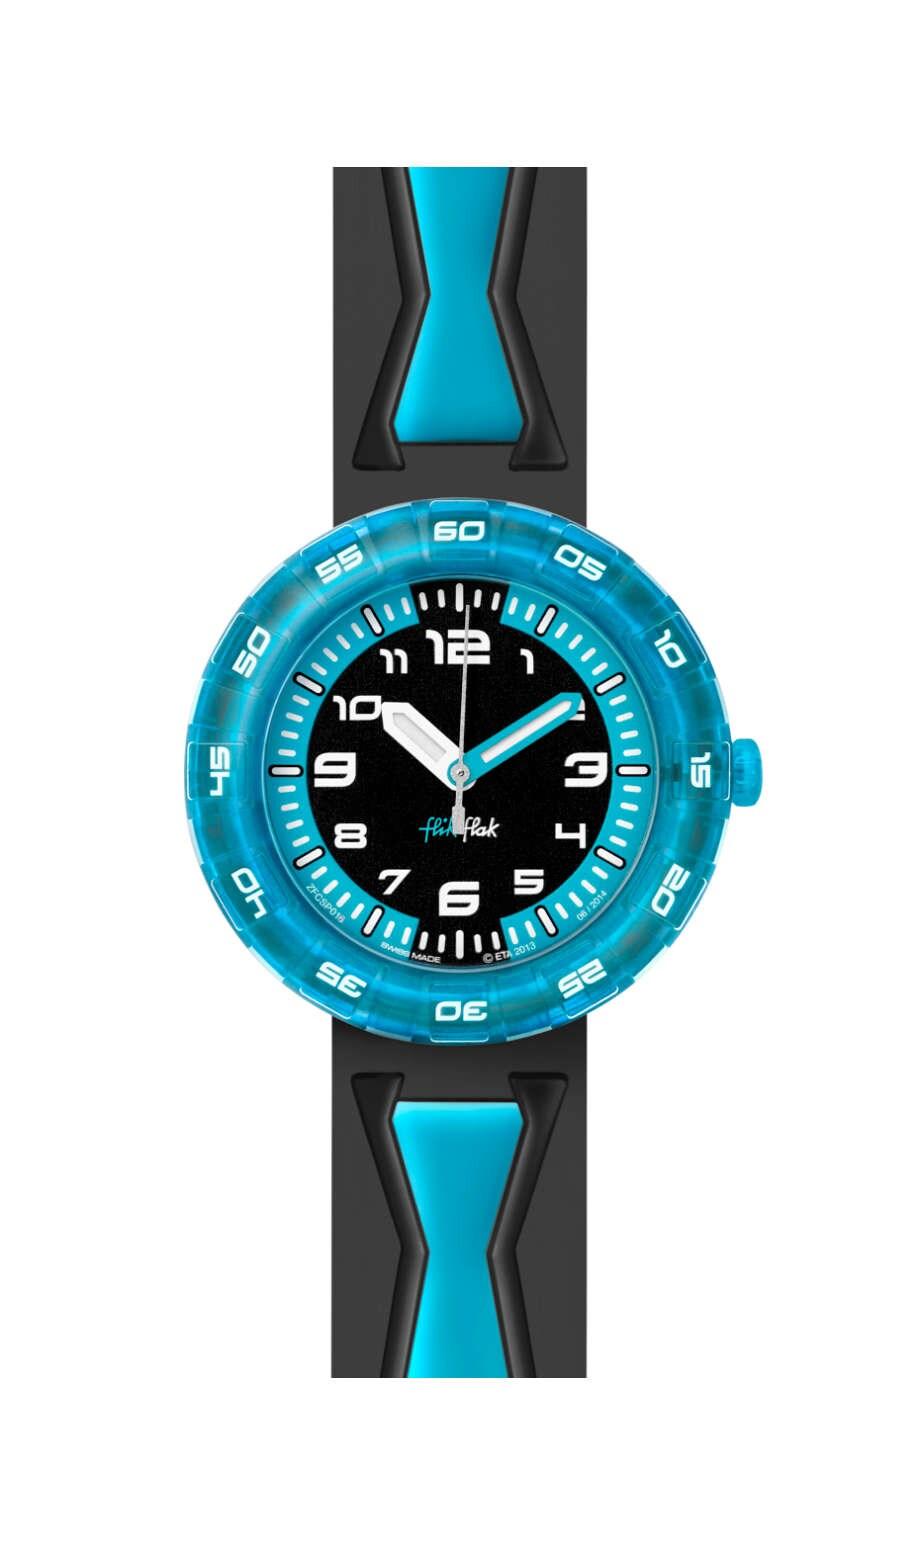 Swatch - GET IT IN BLUE ! - 1